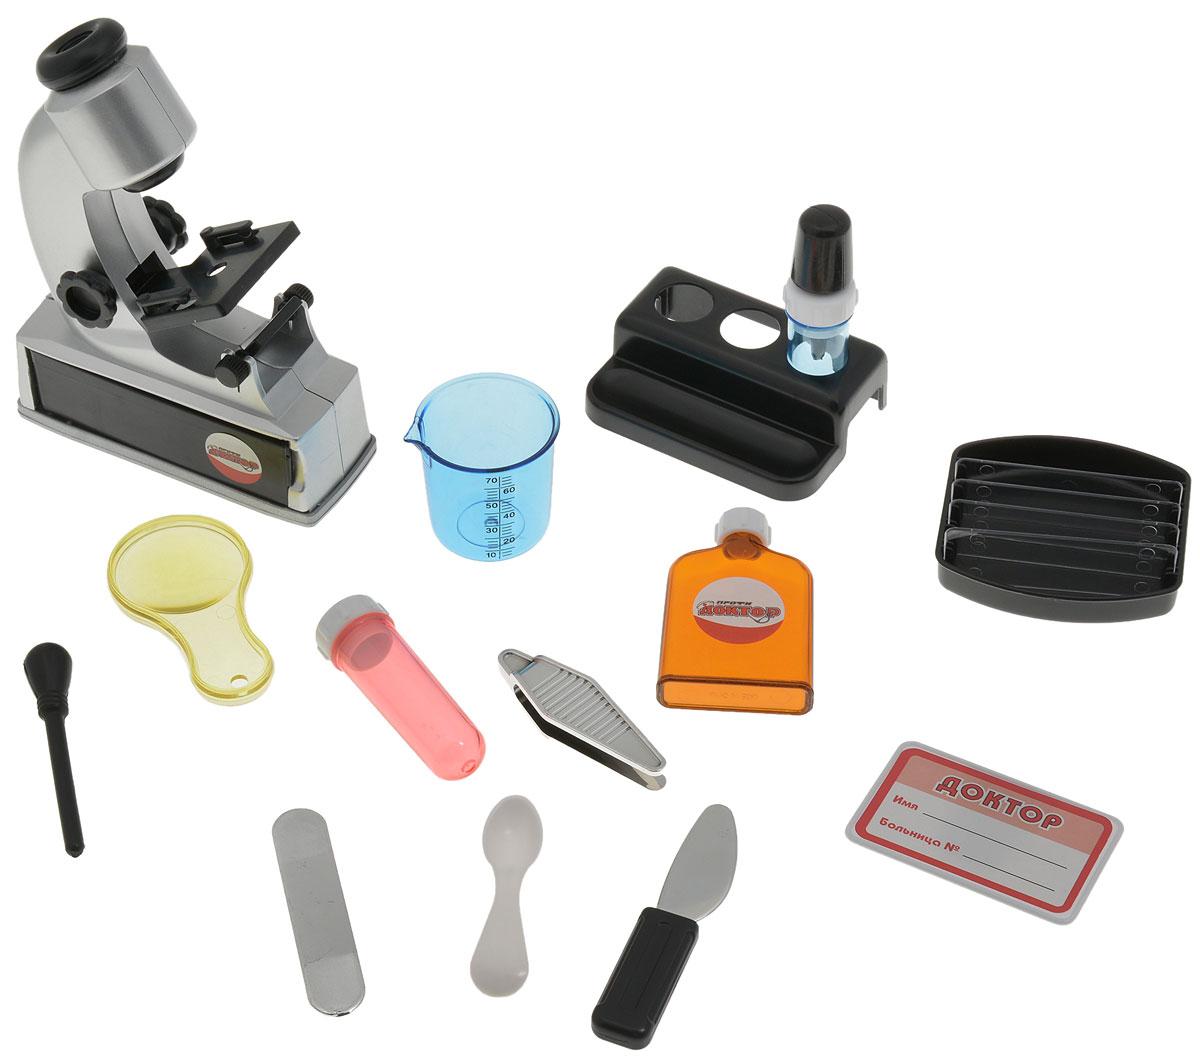 1TOY Игровой набор Доктор с микроскопомТ50173_вар.21TOY Игровой набор Доктор станет отличным подарком для маленького врачевателя! В этом наборе есть всё, чтобы почувствовать себя настоящим доктором! Малыш с удовольствием будет лечить свои игрушки. В наборе 14 предметов: микроскоп, увеличительное стекло, пинцет, шпатель, бутылочка под микстуру, мерный стаканчик, флакон с пипеткой, лоток под рецепты, пробирка, стойка под пробирки, ложечка, скальпель, бейджик и молоточек. Теперь все игрушки будут совершенно здоровы! Игровой набор Доктор несет в себе не только развлекательную, но и познавательную функцию, разовьет мышление и фантазию.